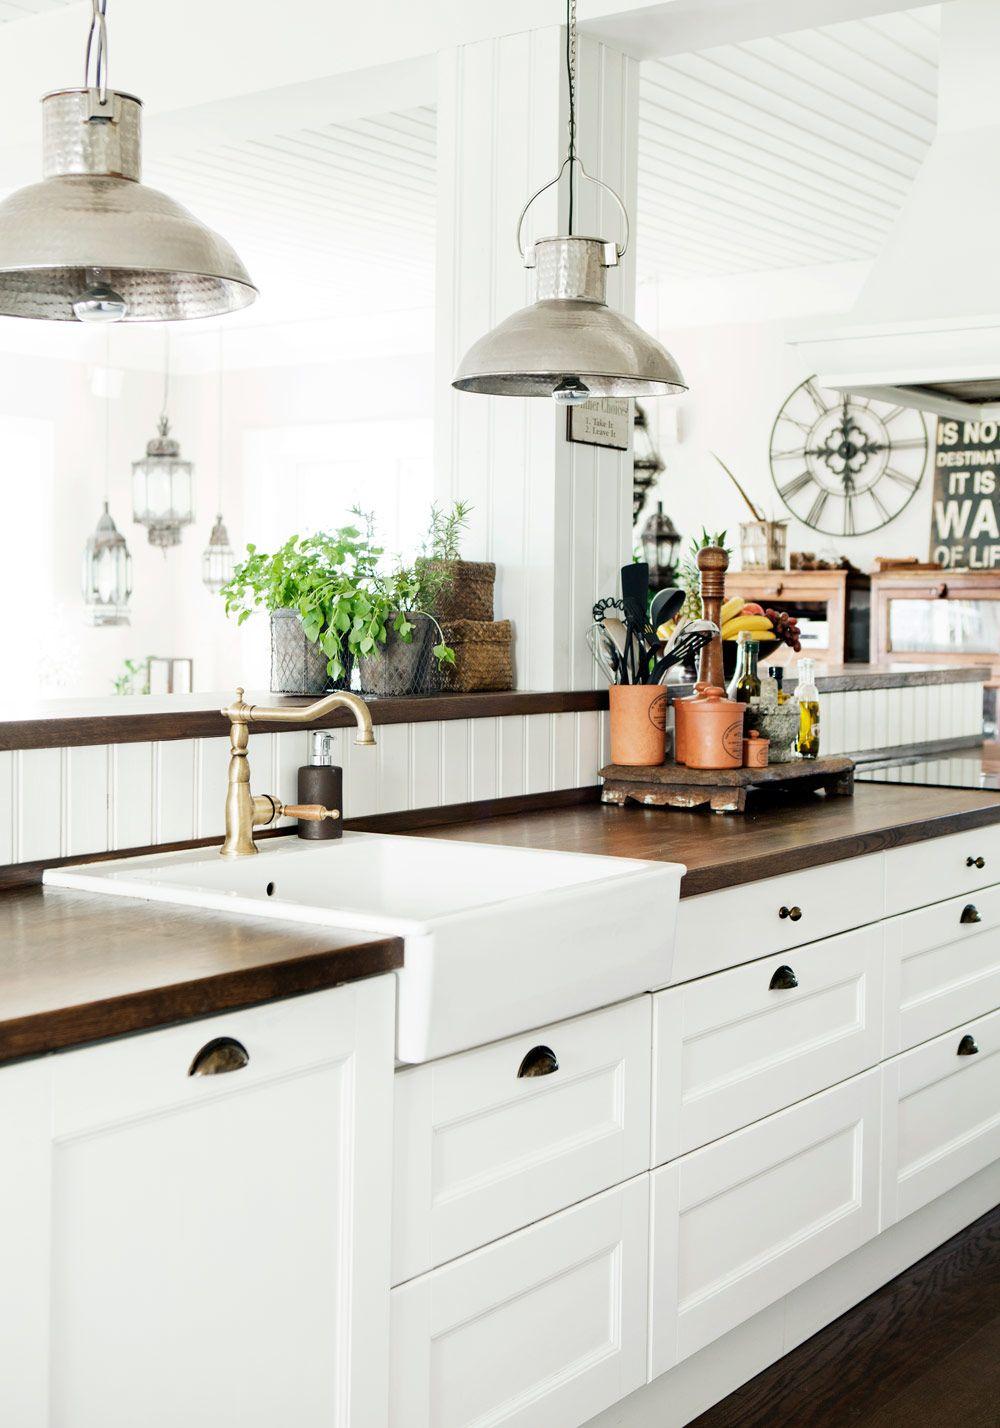 Hemma hos @mycasa | Pinterest | Küche, Küchen landhausstil und ...